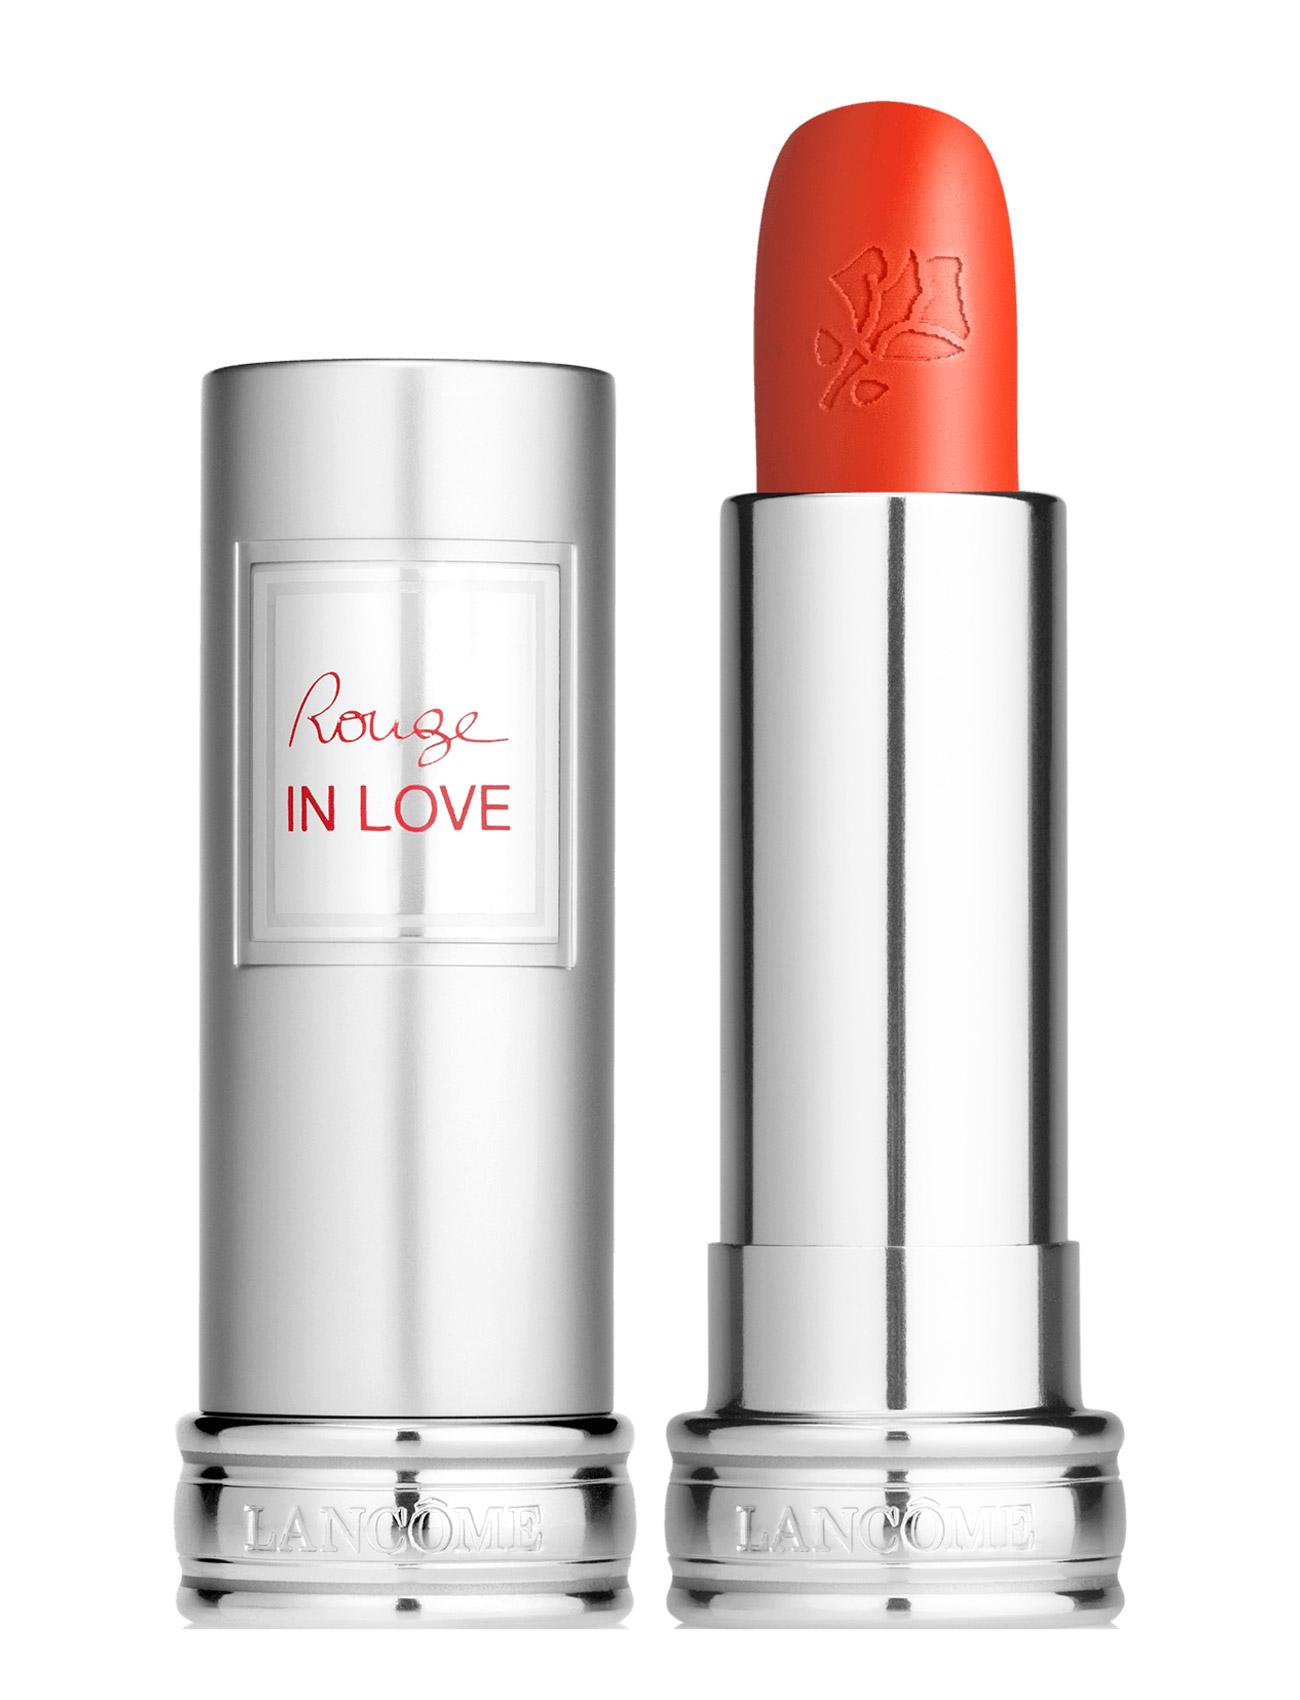 lancã´me – Rouge in love på boozt.com dk